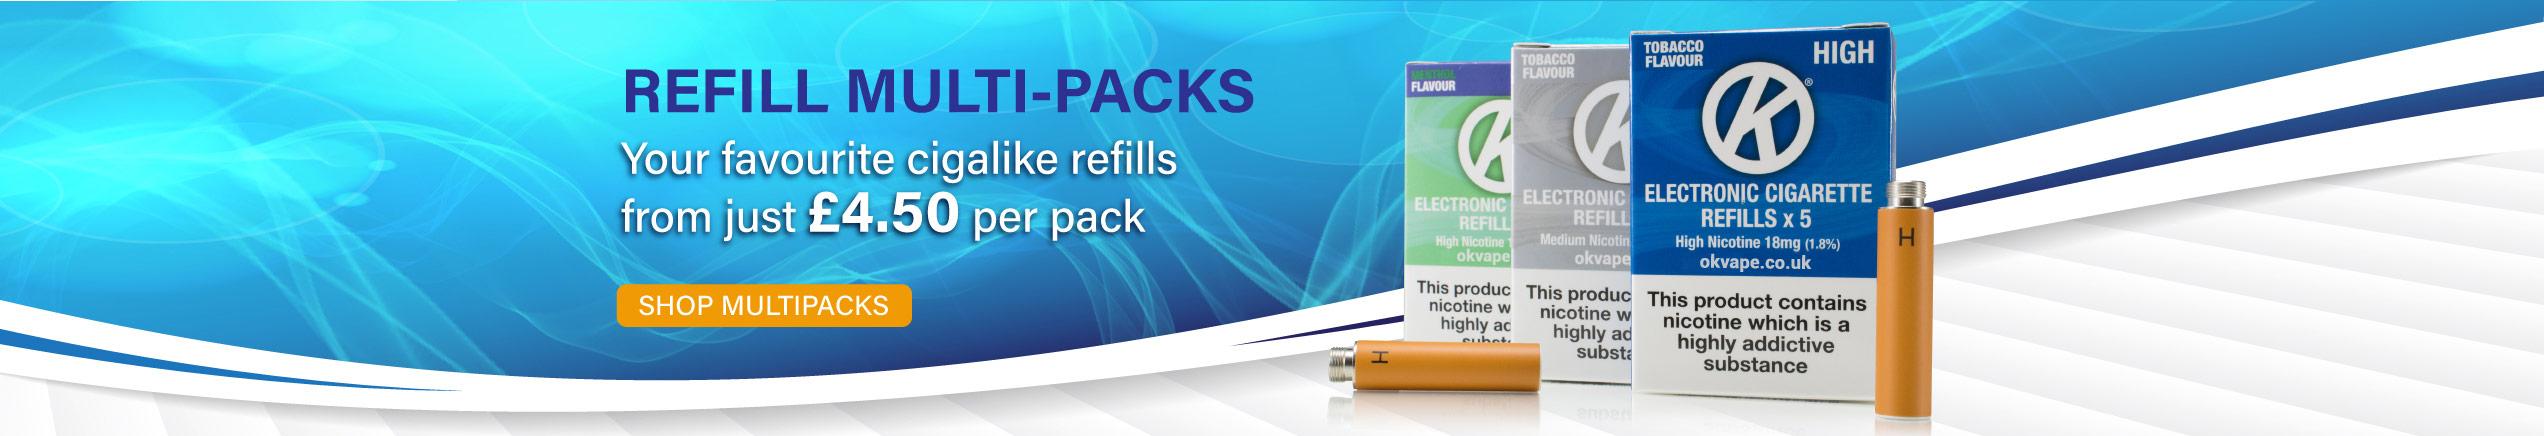 OK Vape Refill Multipacks Slider Image